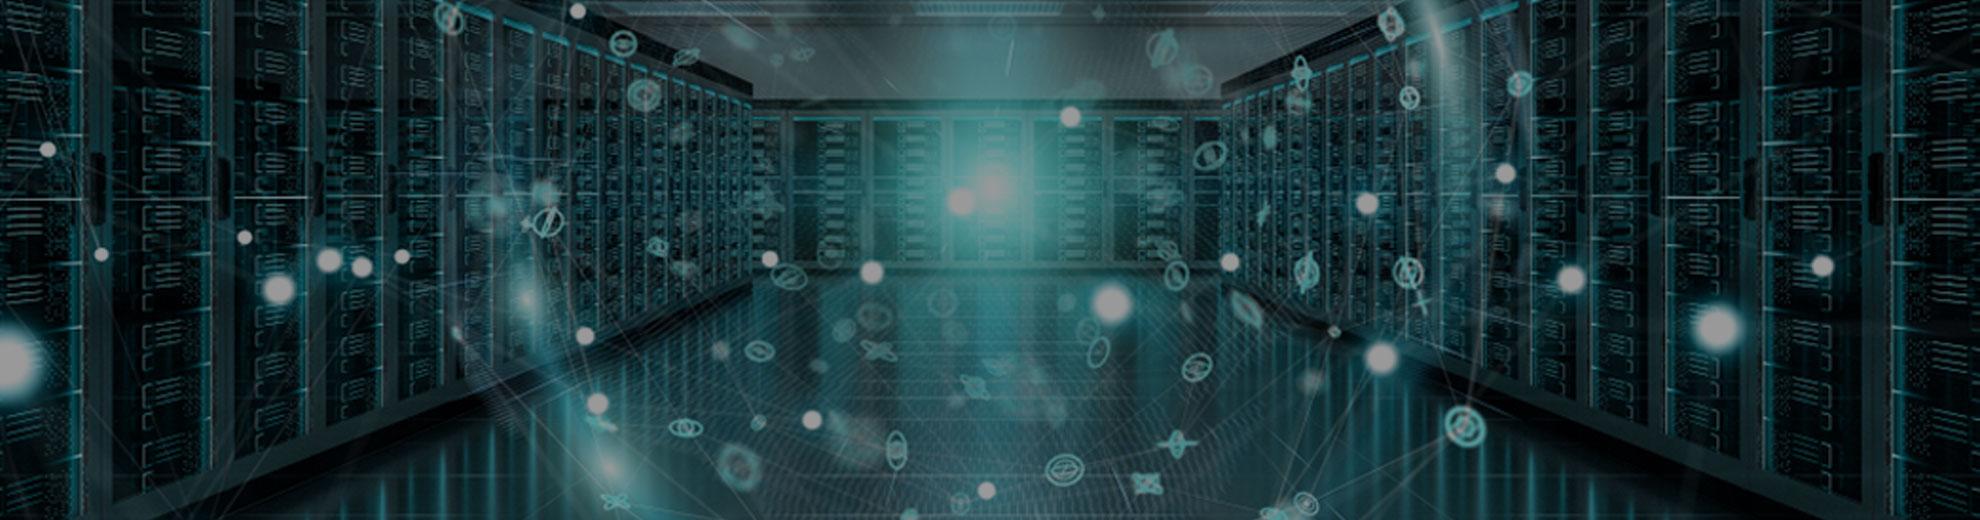 Singapore Cloud Server